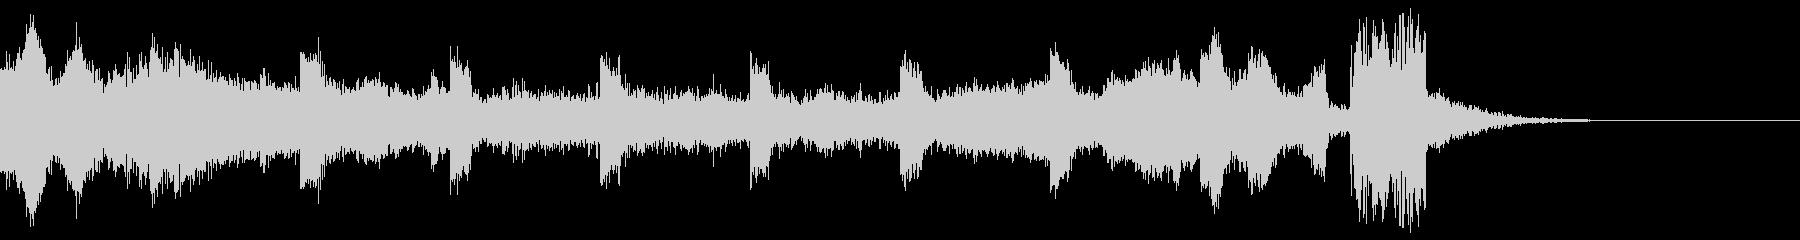 シンキングタイム(10秒)の未再生の波形